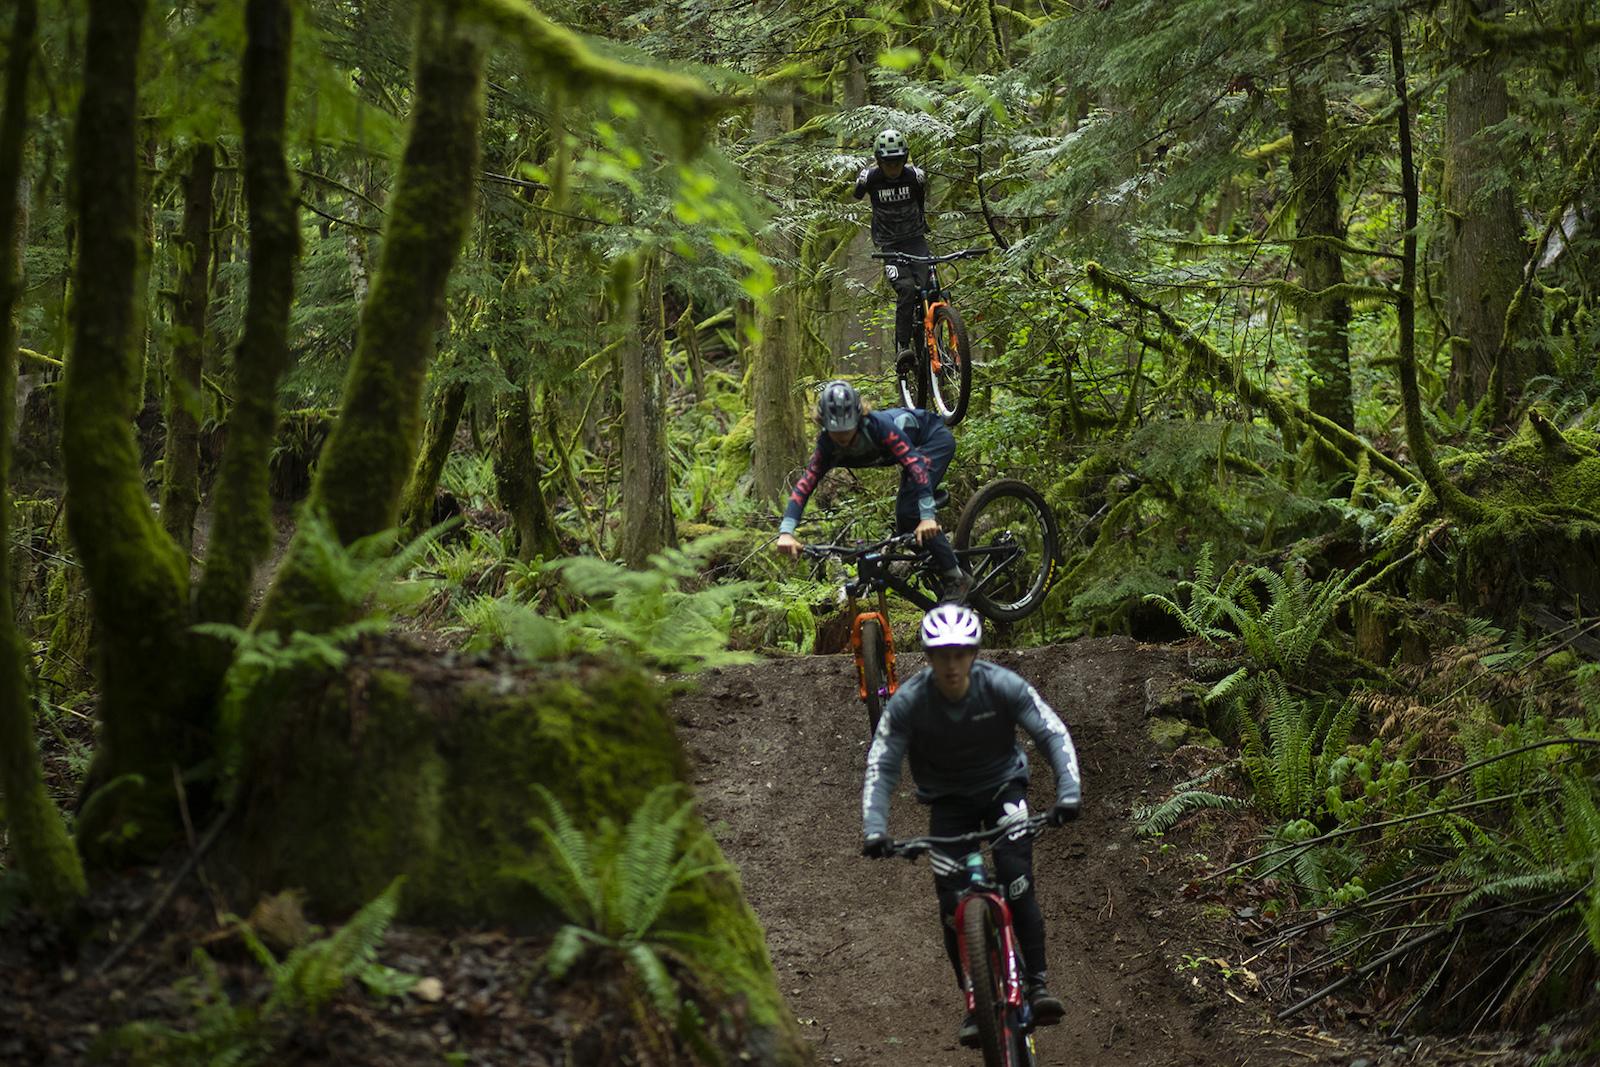 Dane Jewett with Jackson Goldstone and Jakob Jewett in Squamish British Columbia Canada